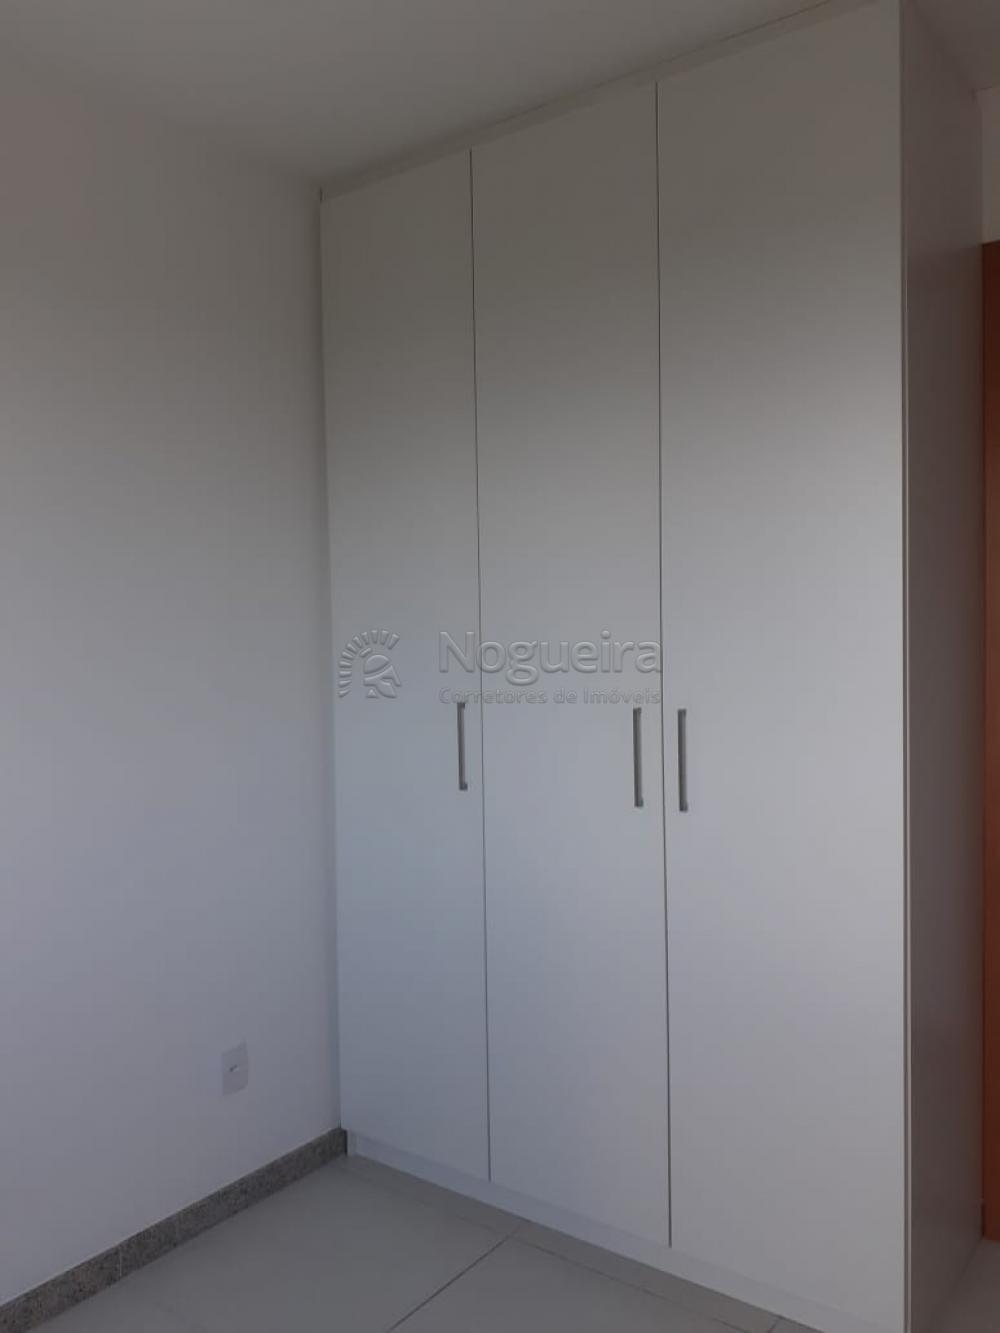 Excelente apartamento no bairro em andar alto e vista privilegiada com varanda, sala para 2 ambientes, 2 quartos com ar condicionados e armários, sendo 1 suíte, banheiro social com box, cozinha e área de serviço. Empreendimento com lazer completo.